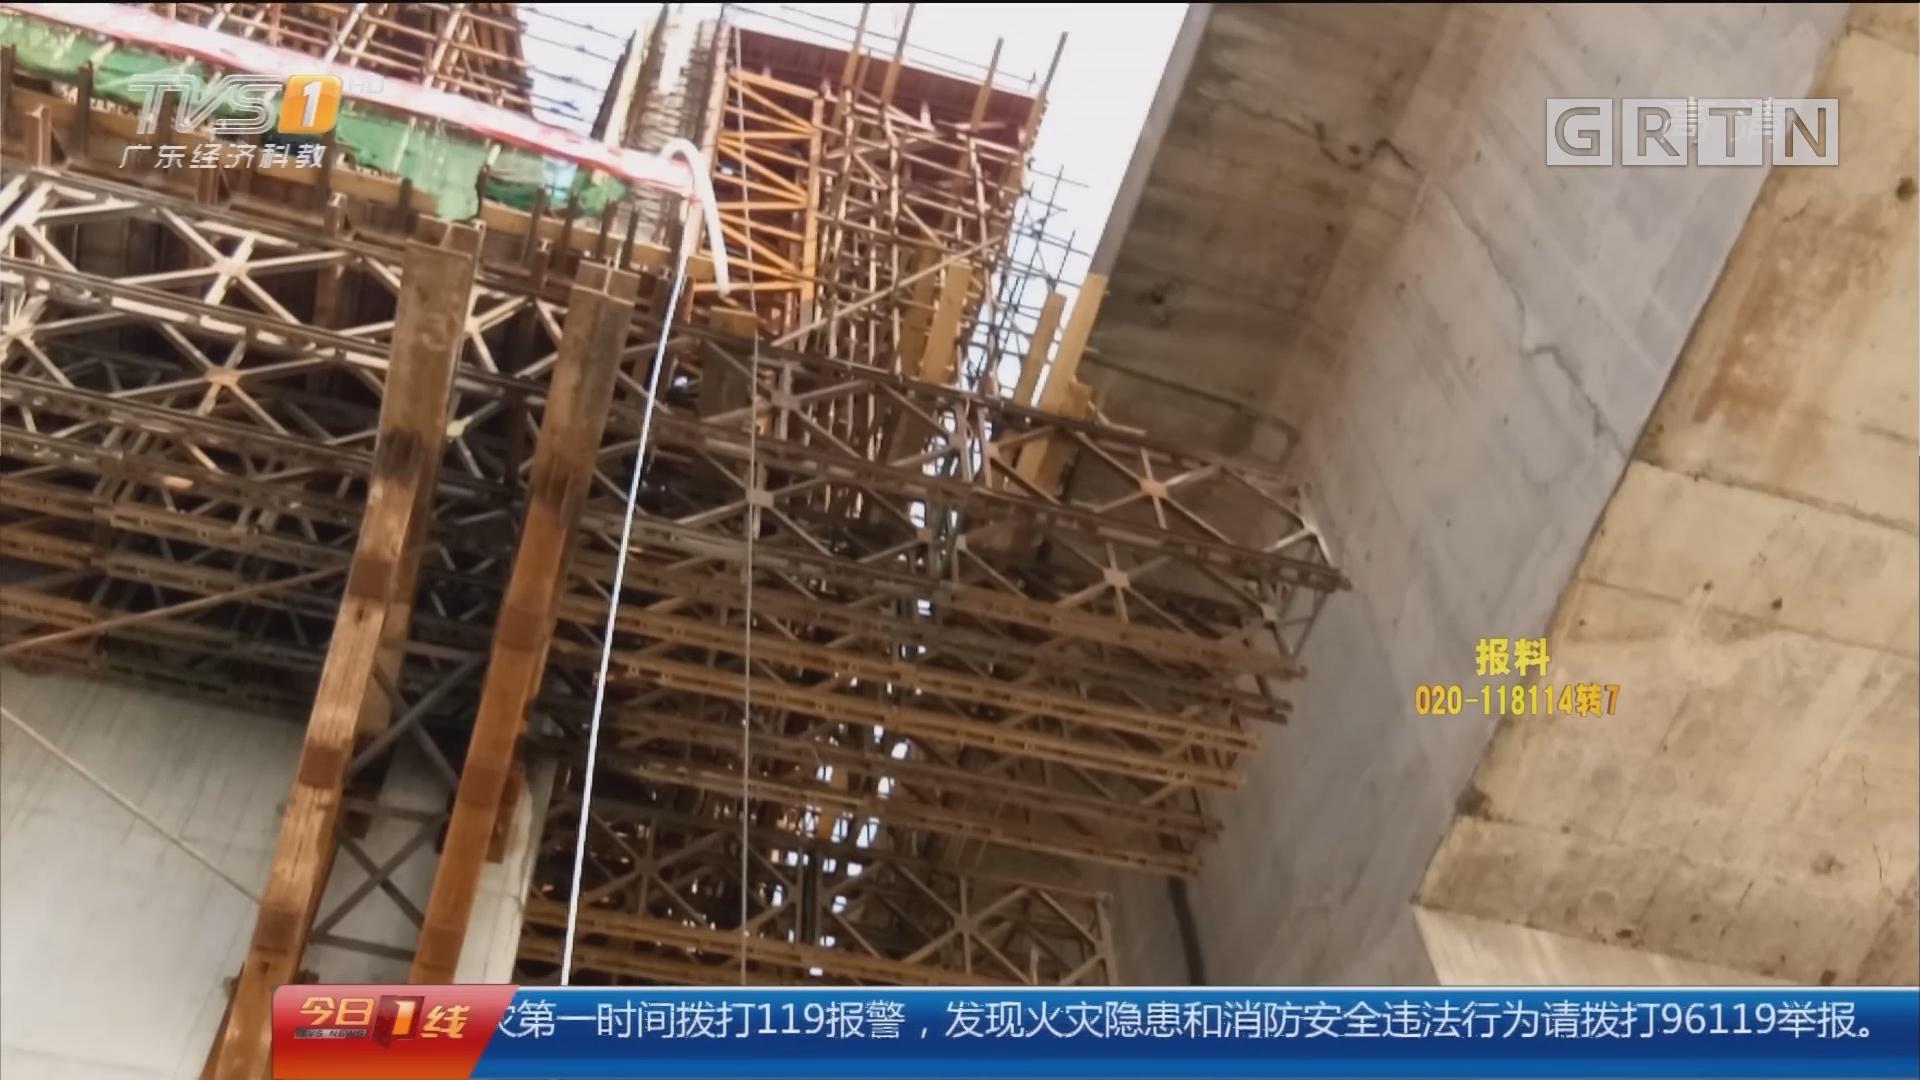 佛山:男子爬上20米高桥墩 消防惊险救援